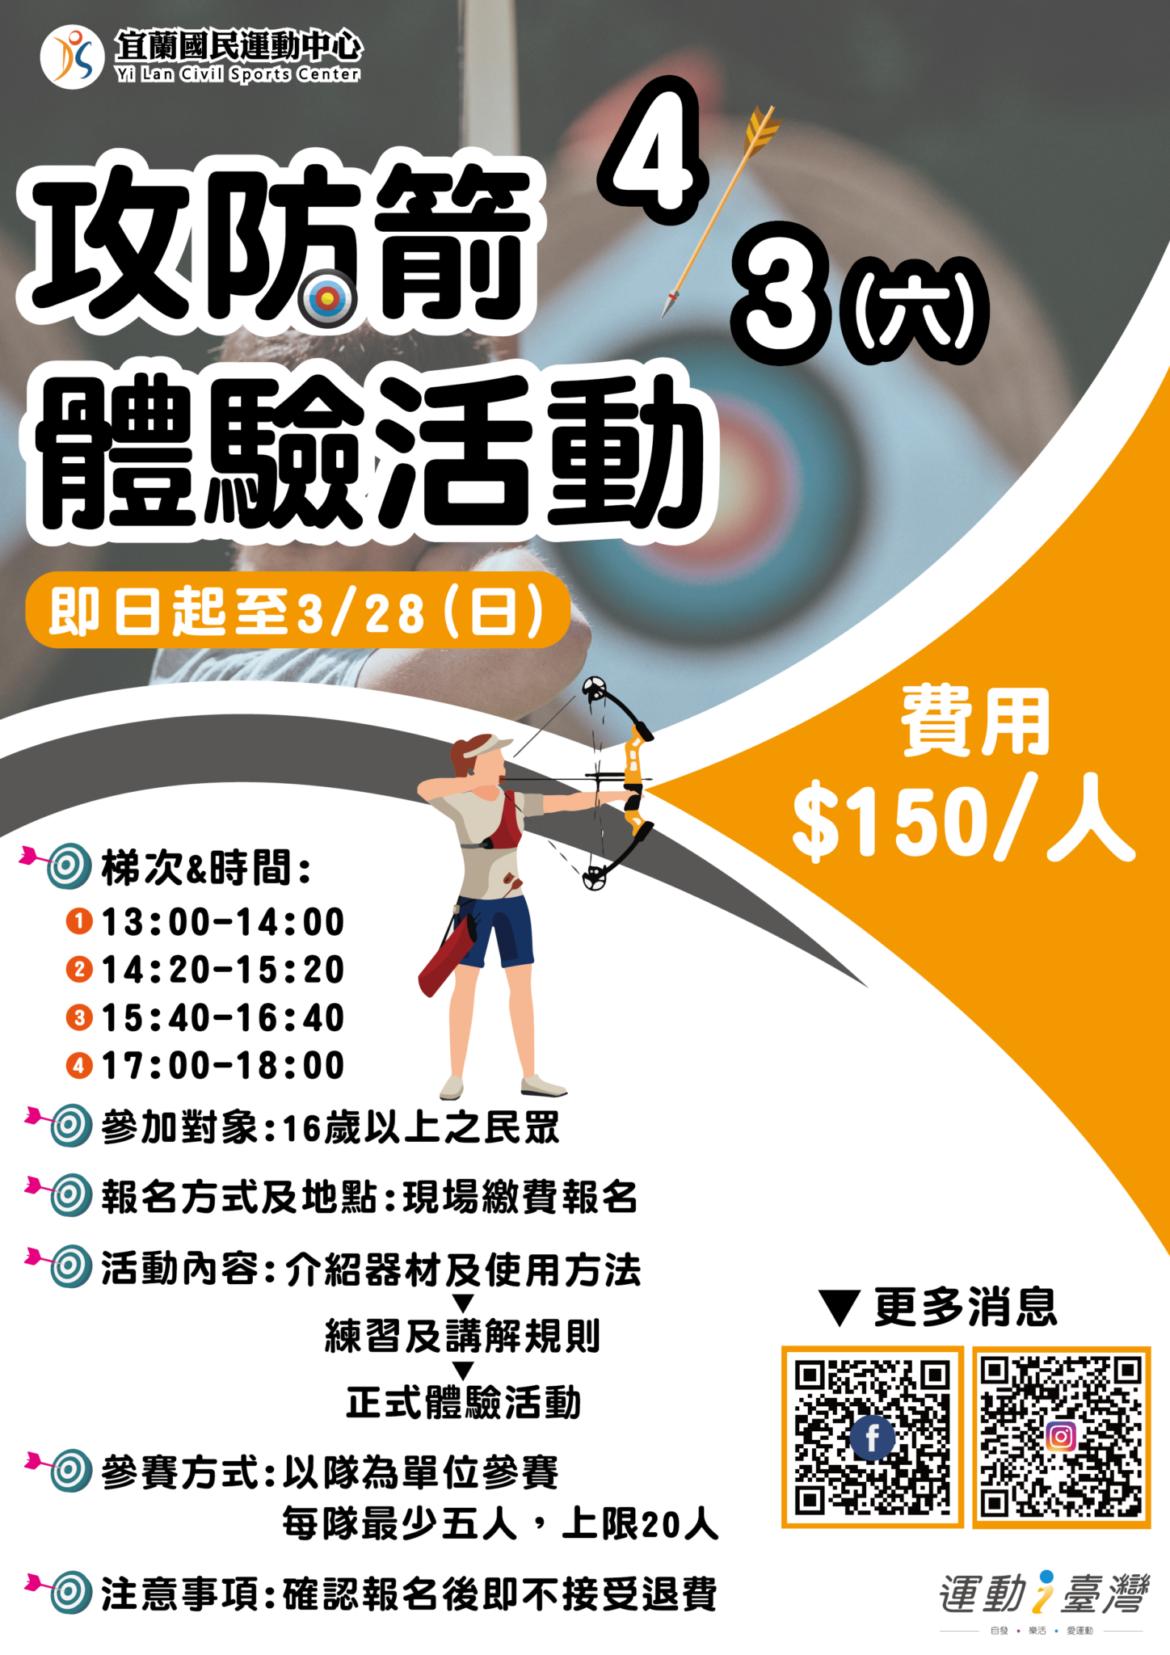 【全新企劃-攻防箭體驗活動來啦】